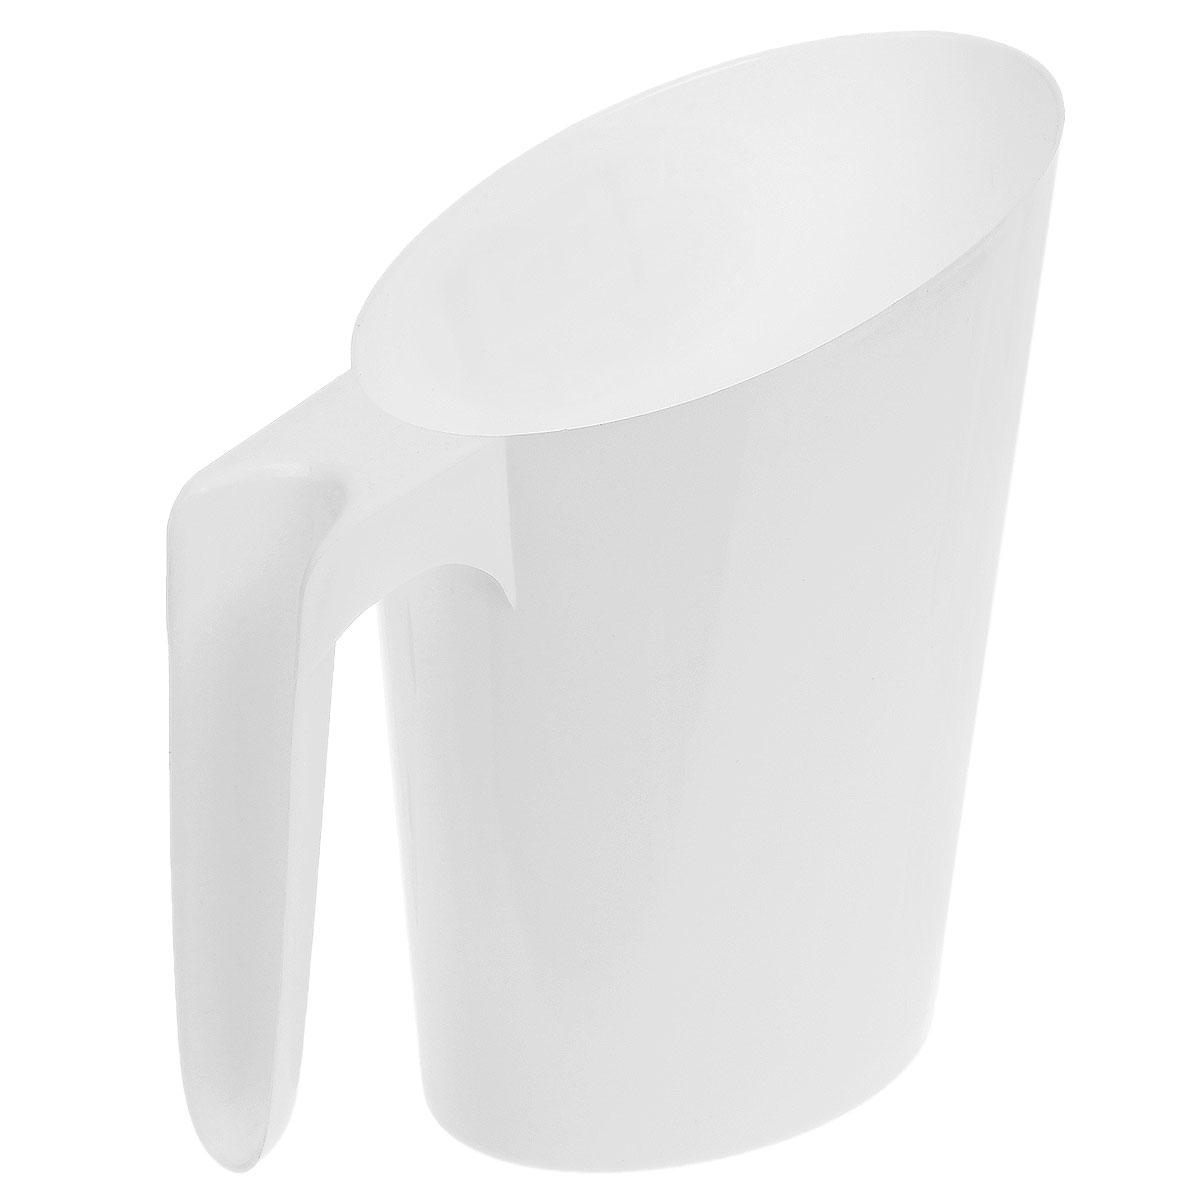 Кувшин-подставка для молочного пакета Idea, цвет: белыйМ 1216_белыйКувшин-подставка для молочного пакета Idea изготовлен из высококачественного пищевого полипропилена (пластика). Изделие предназначено для хранения пакетов с кефиром и молоком, что очень удобно, так как такие пакеты всегда протекают и их очень неудобно хранить. Кувшин-подставка с легкостью решит эту проблему. Изделие практичное, функциональное, имеет стильный современный дизайн. Поверхность гладкая, легко чистится.